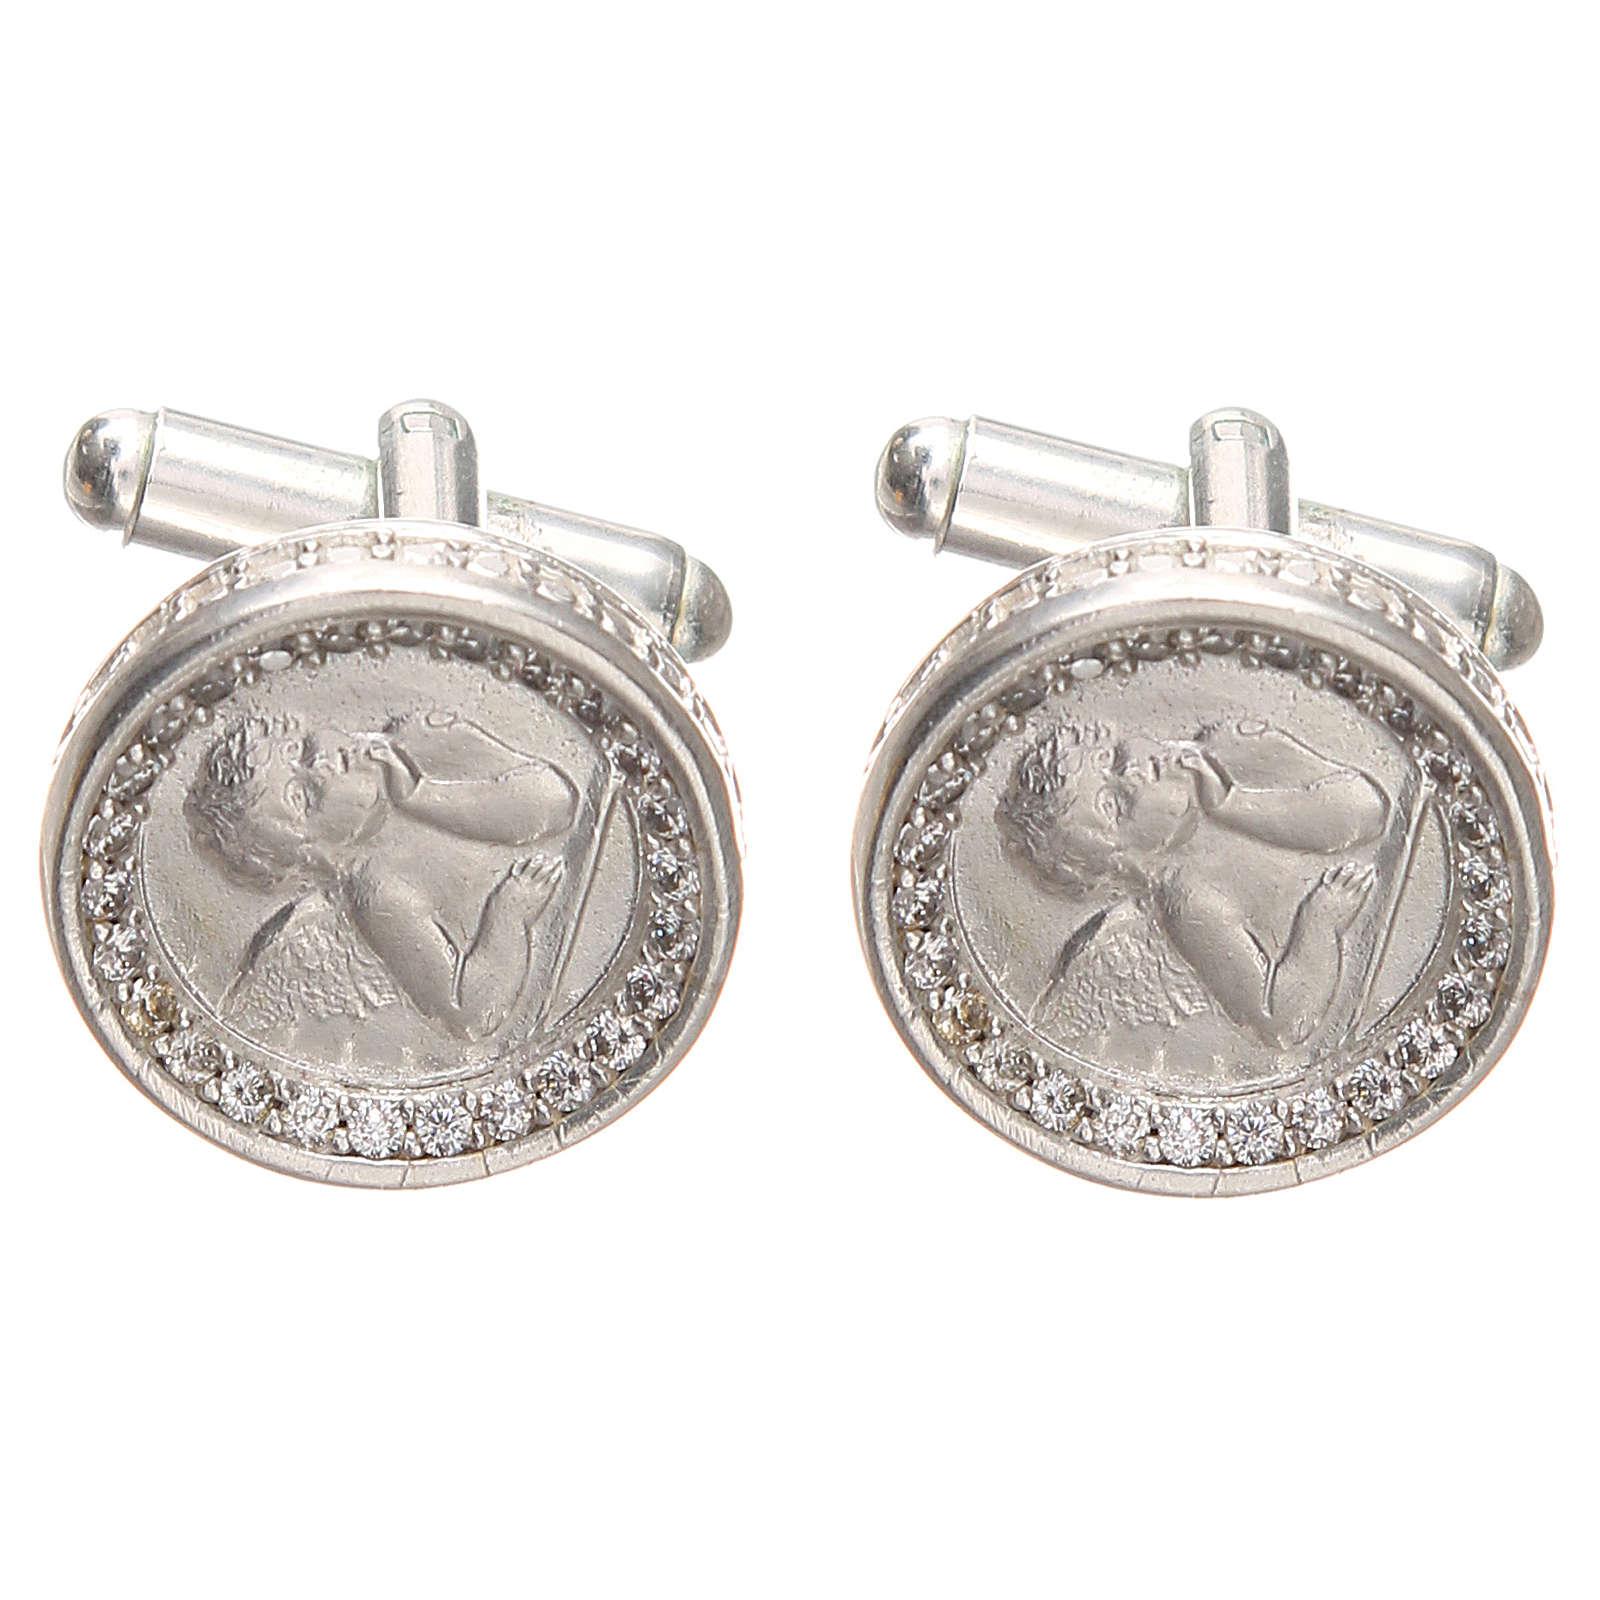 Spinki męskie srebro 800 Anioł Raffaello 1.7 cm 4